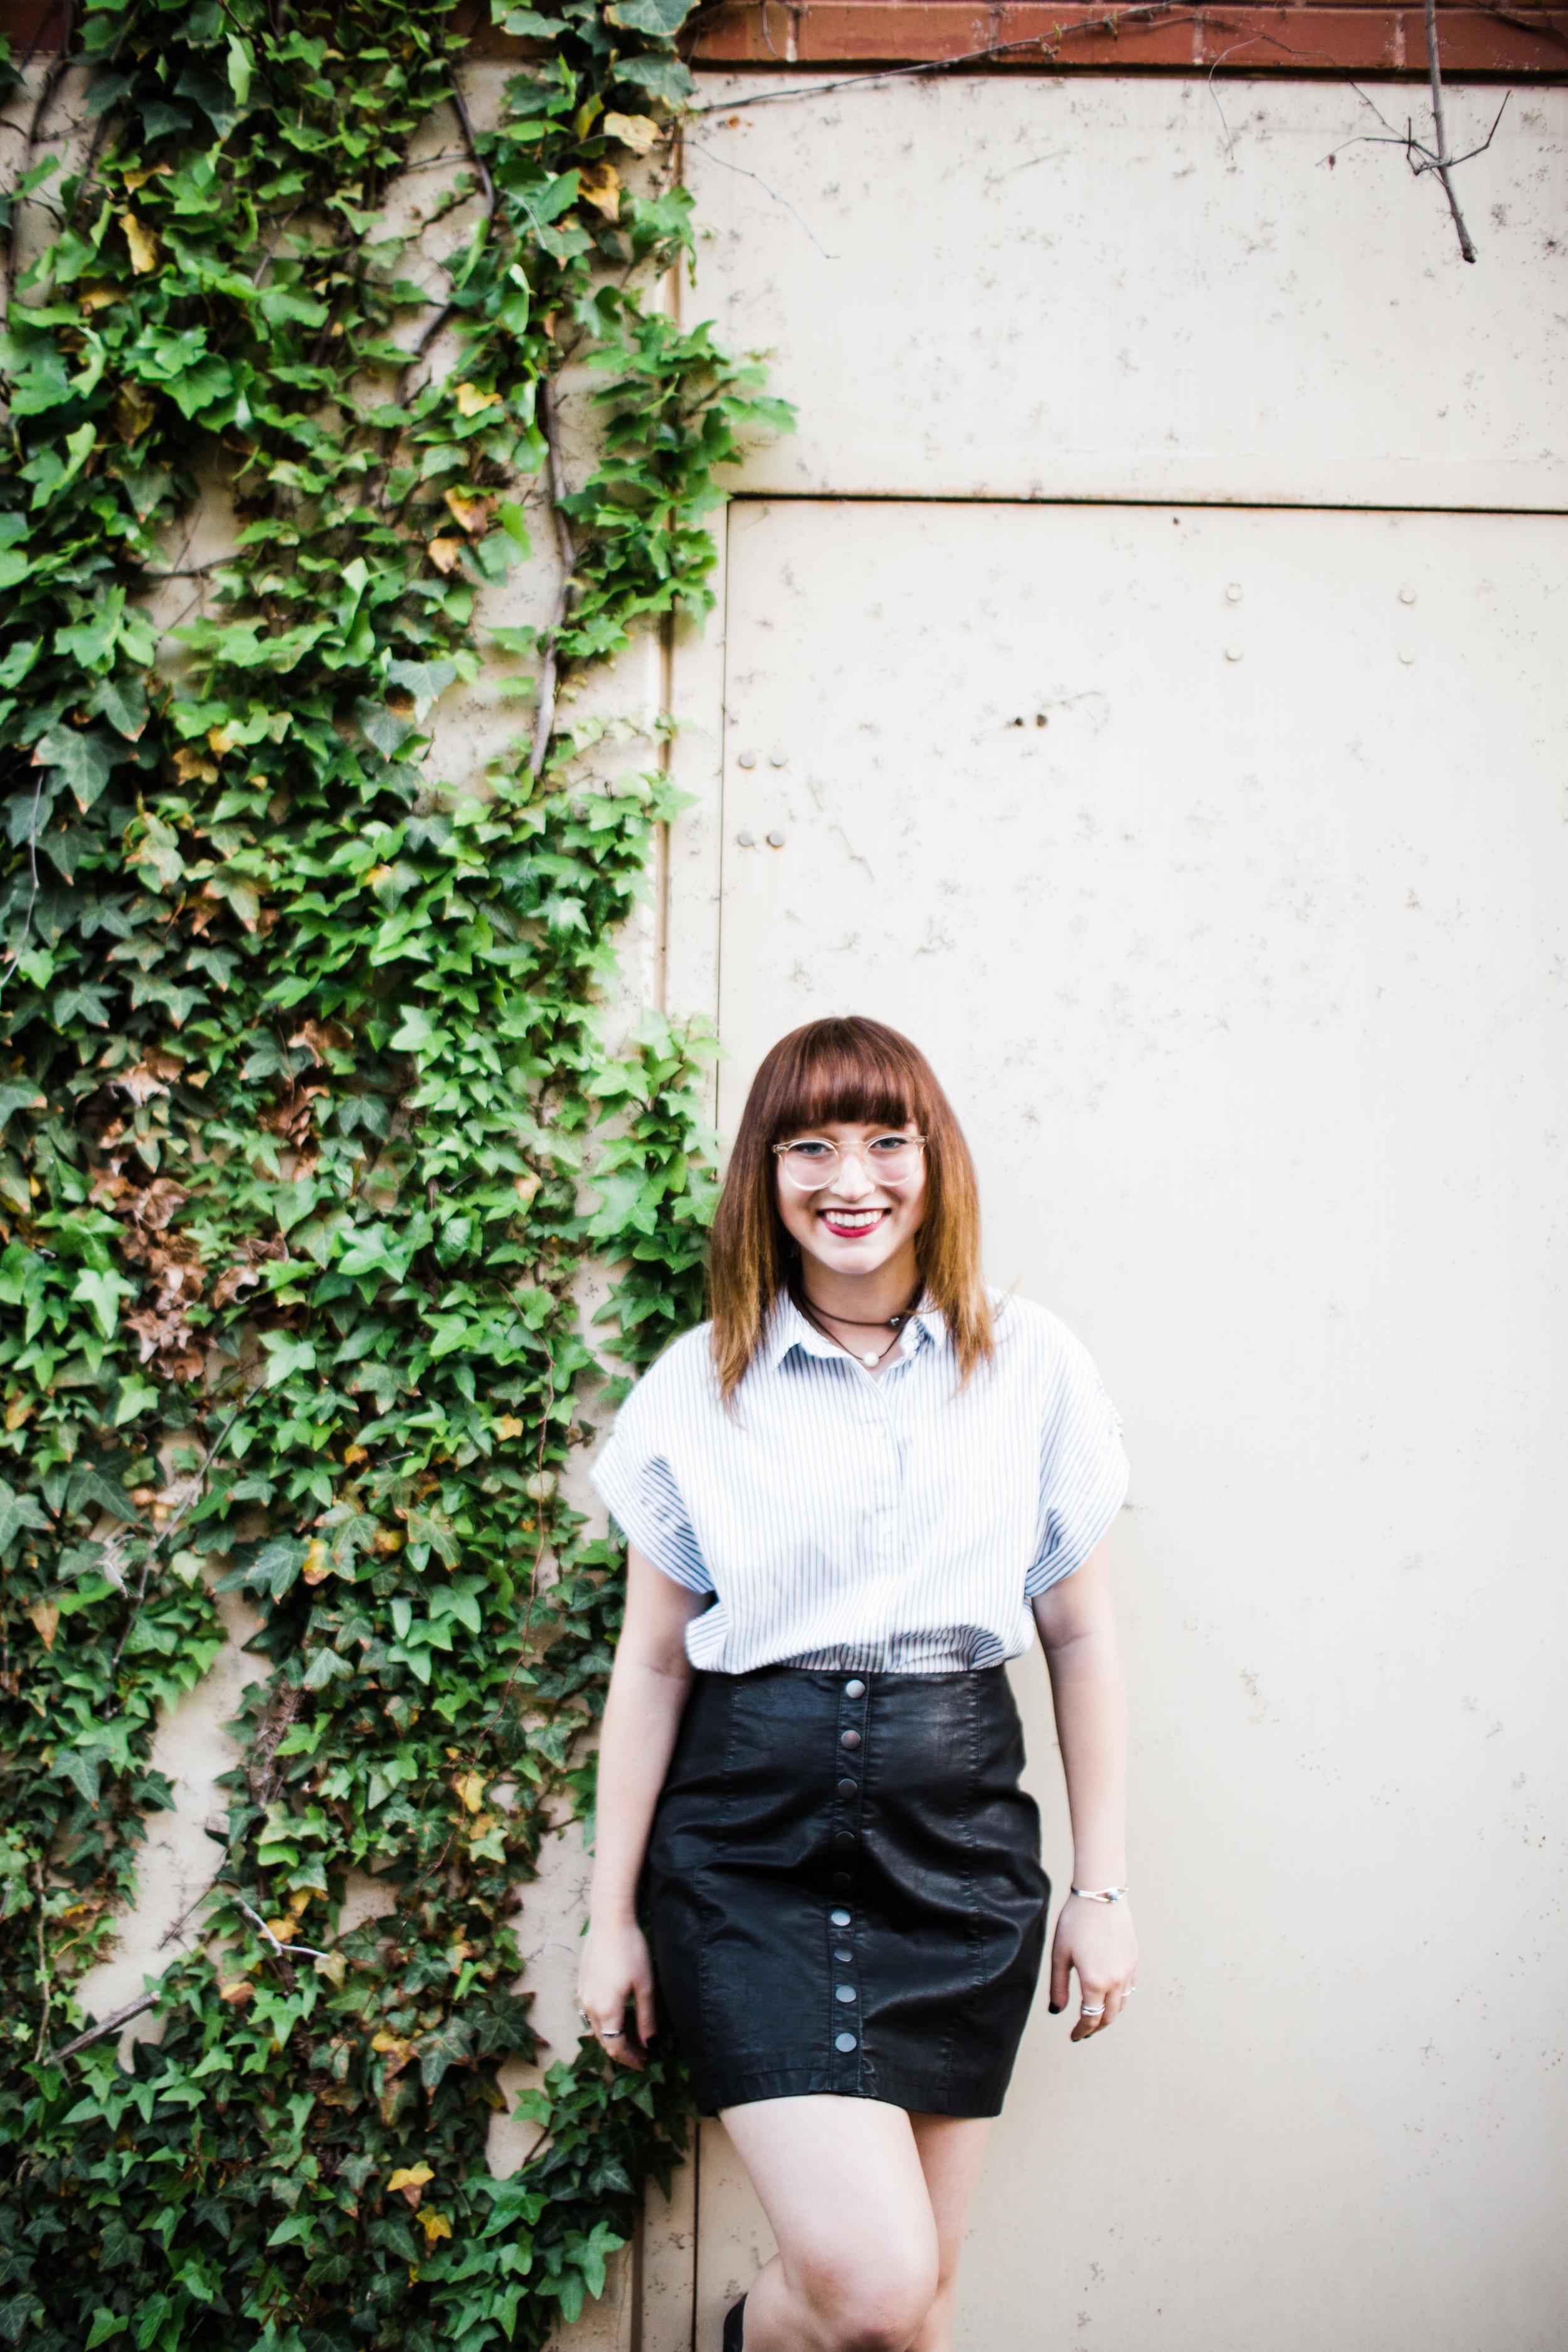 senior girl posing against wall